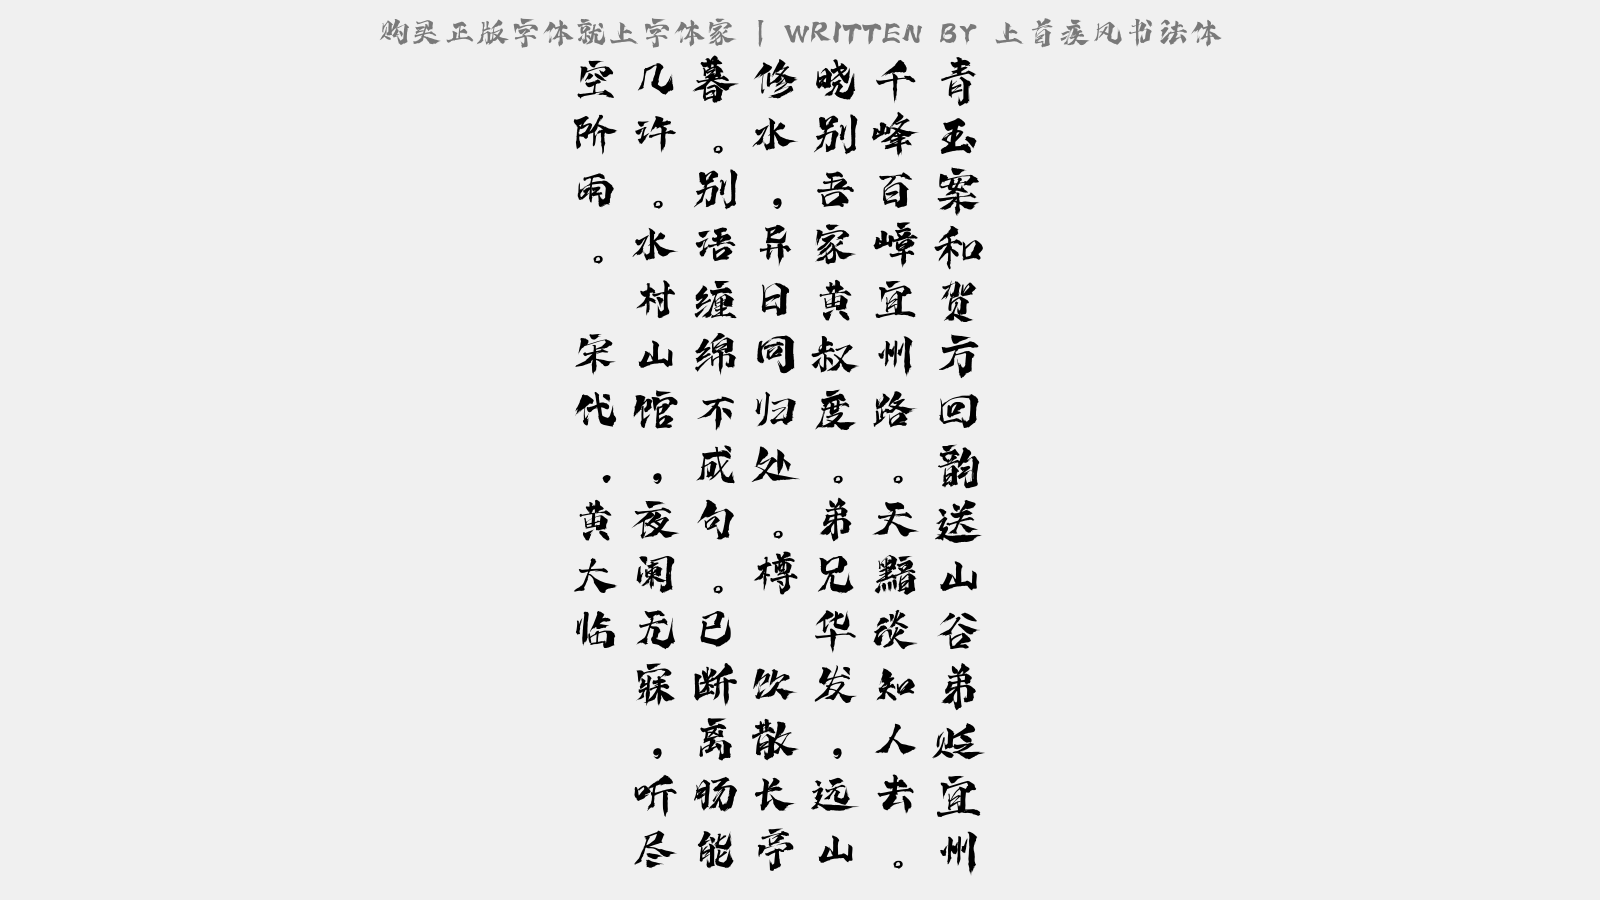 上首疾風書法體 - 奉和太子納妃太平公主出降三首